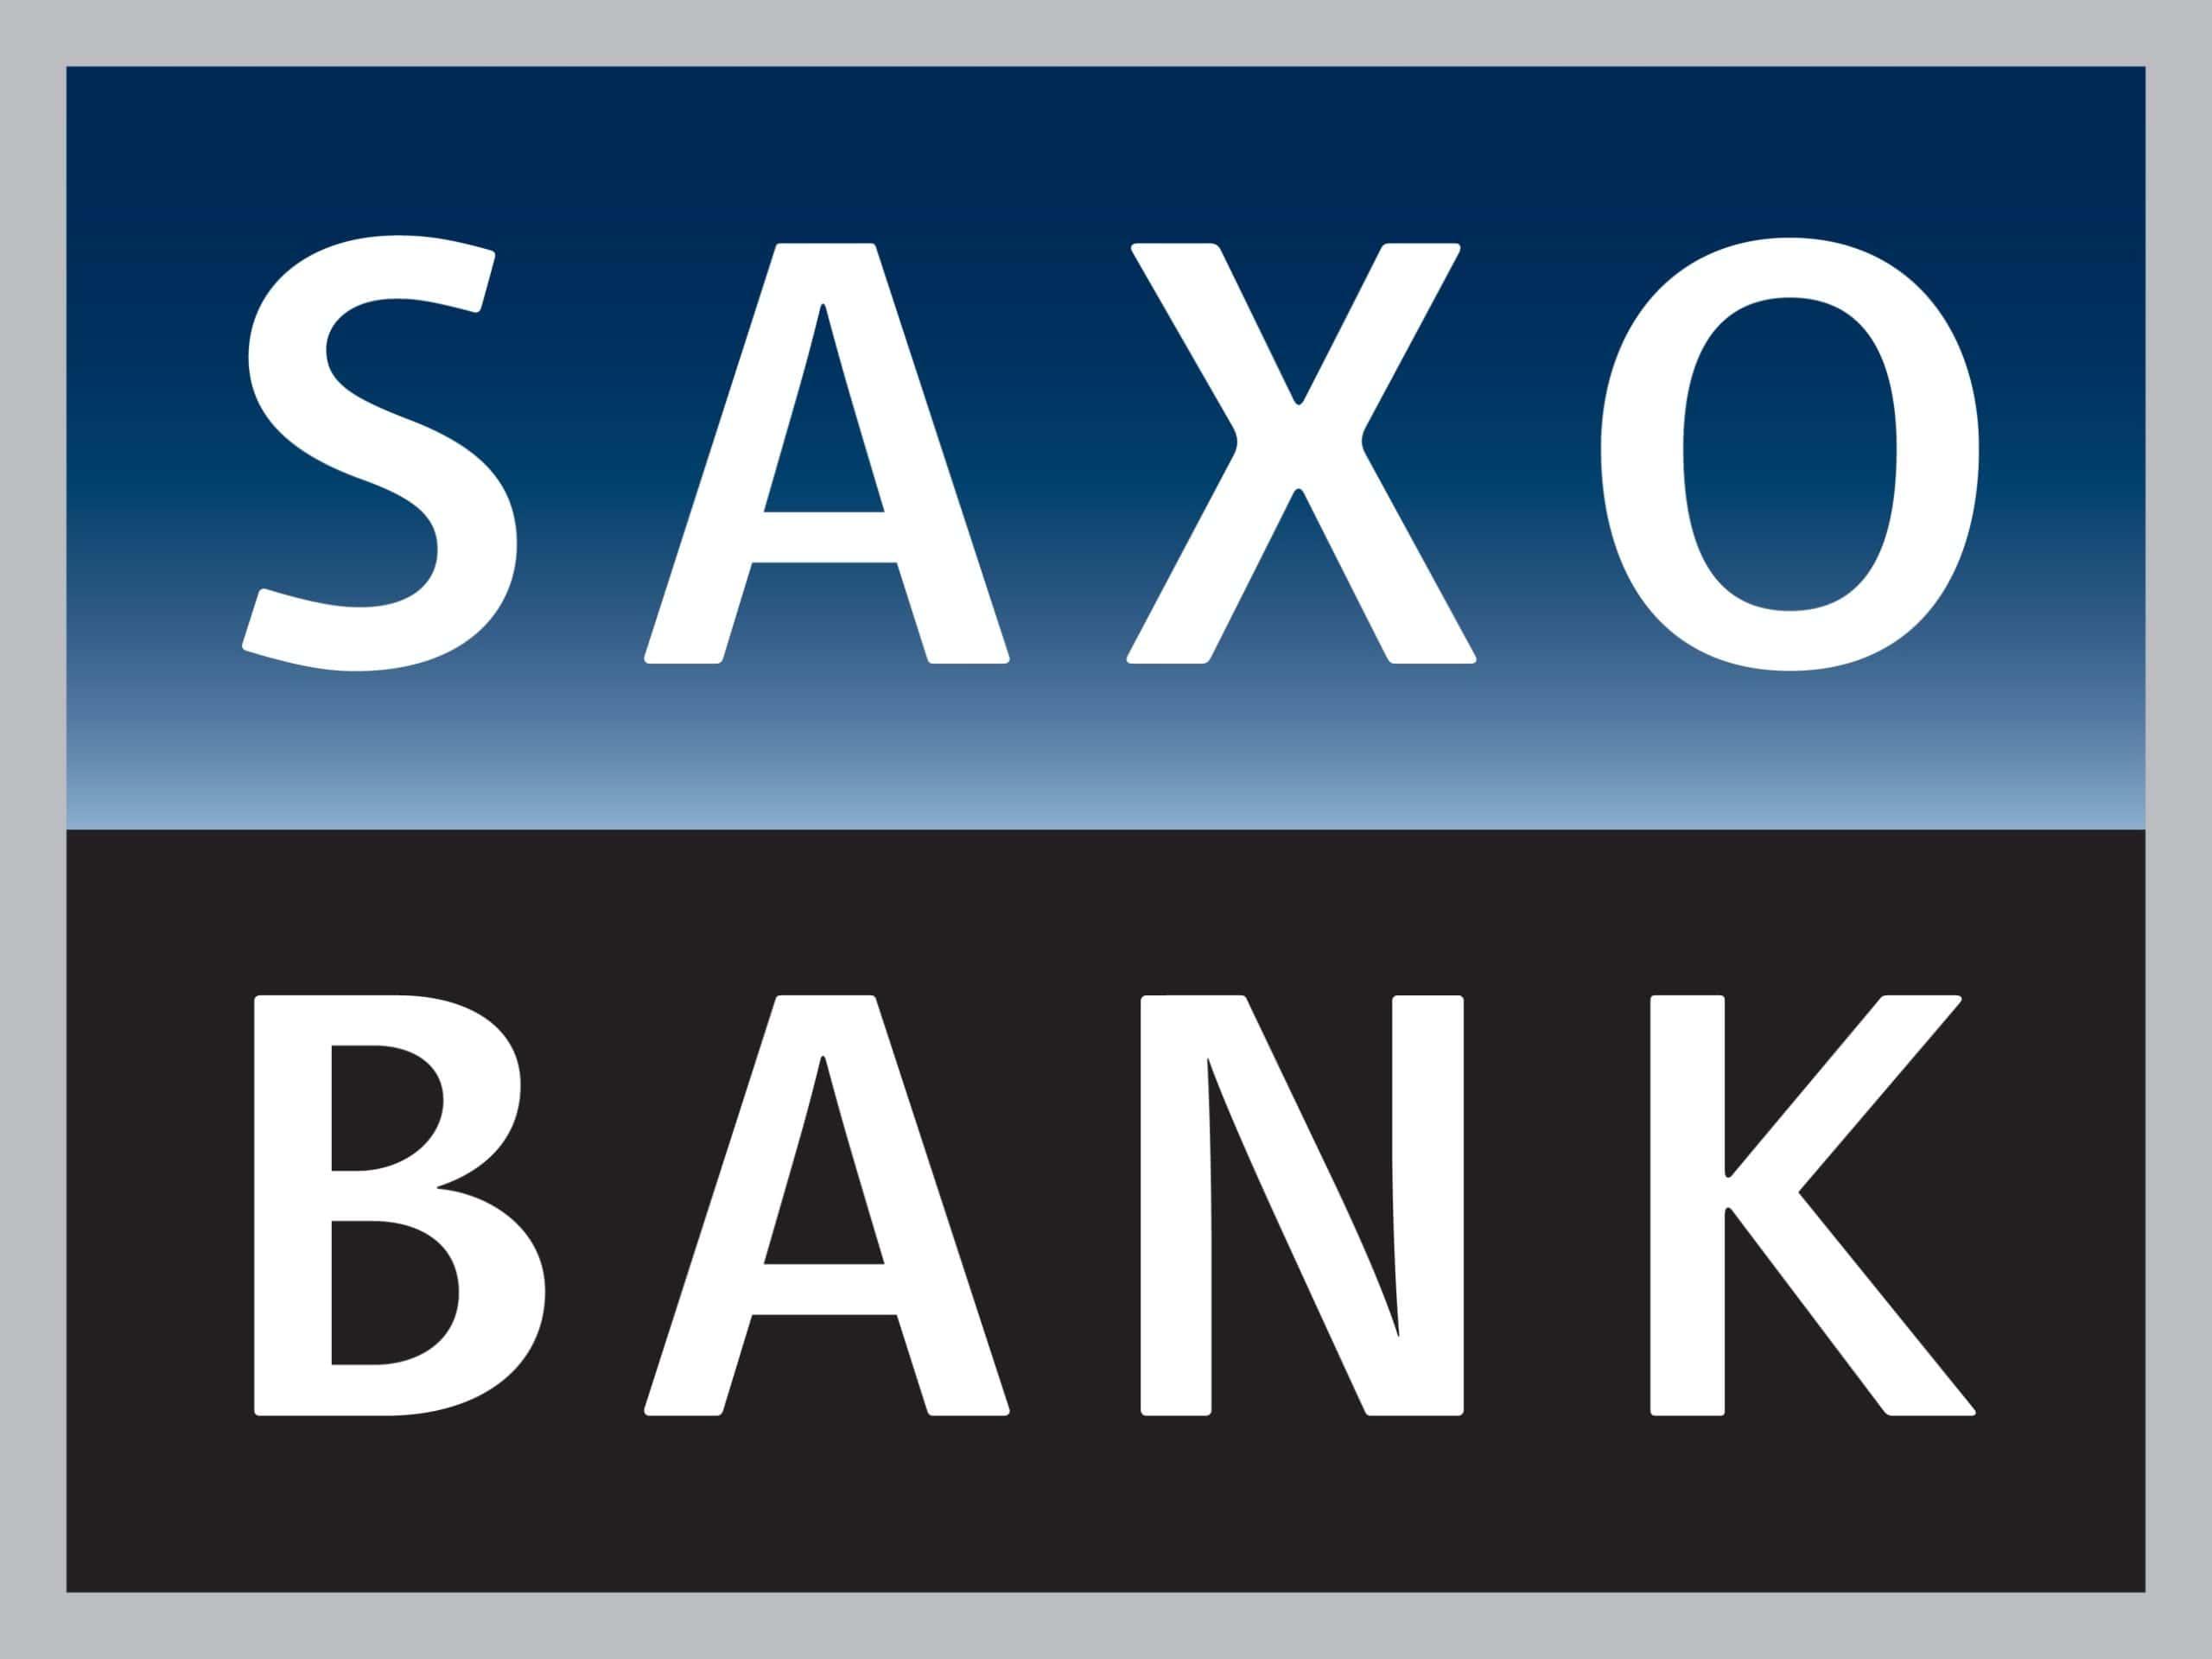 Saxo Bank review